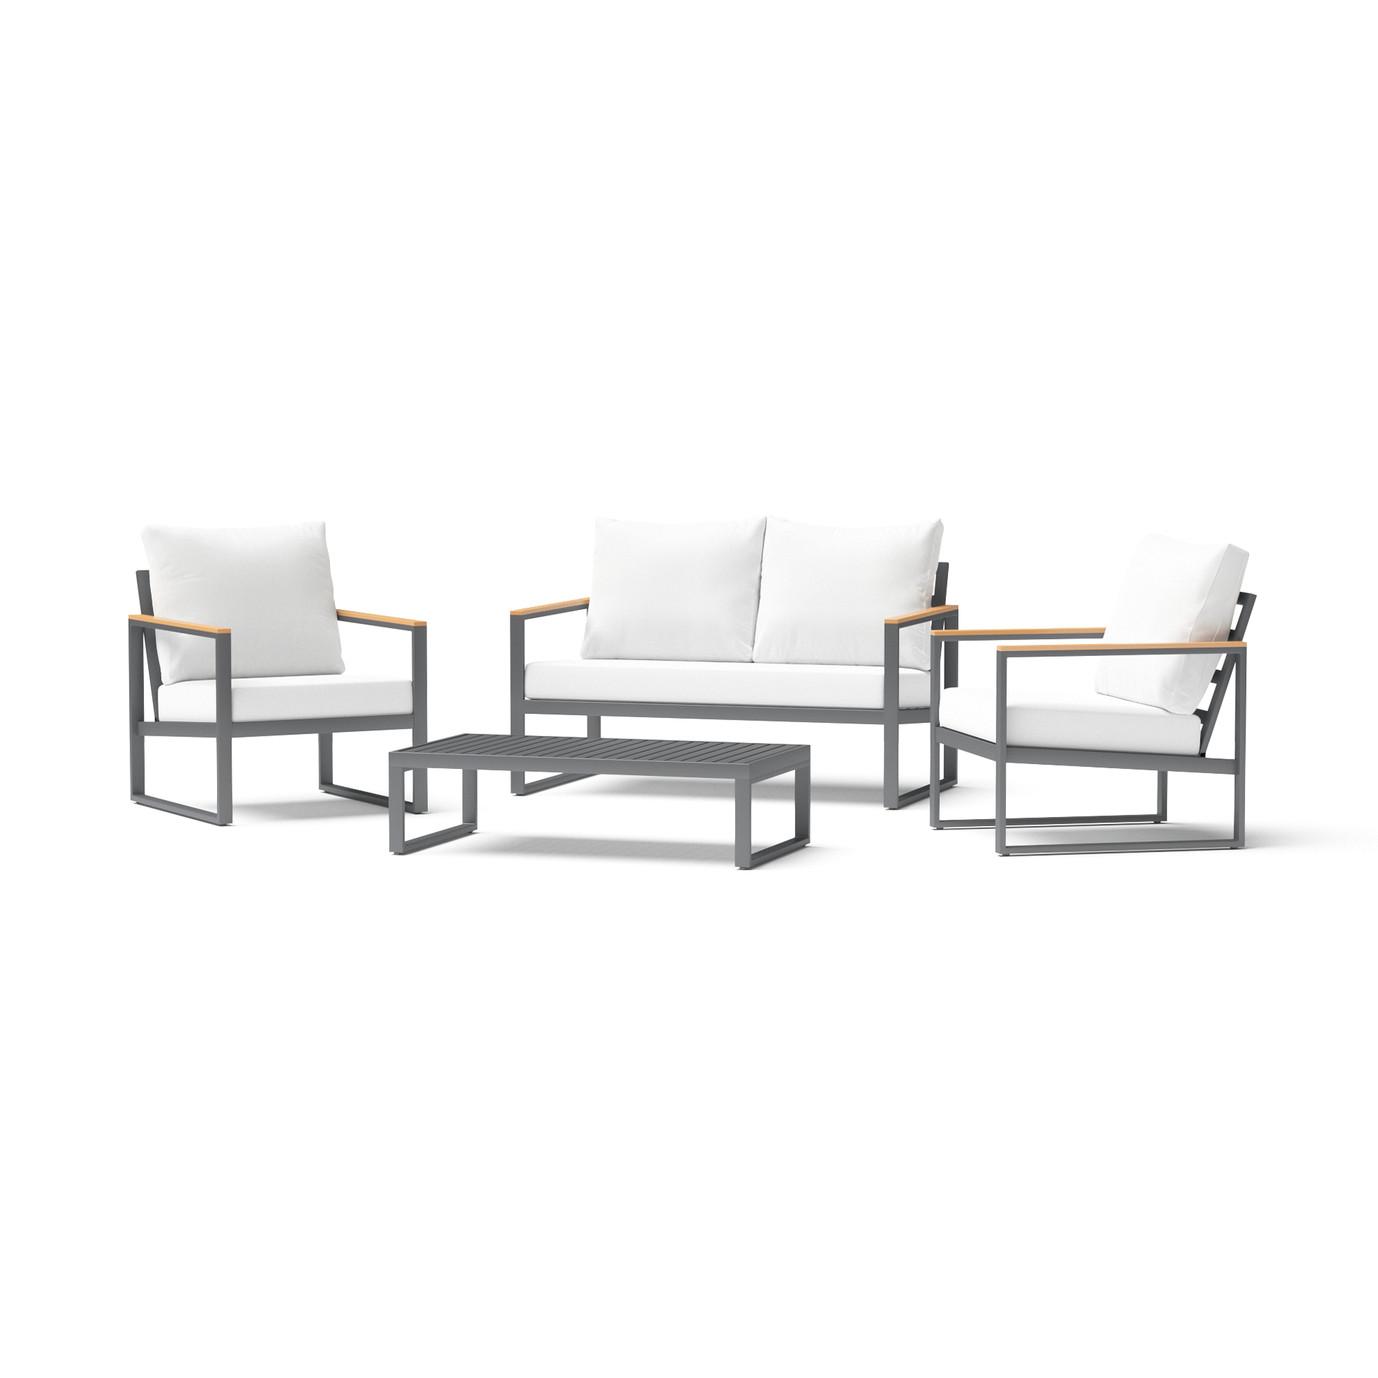 Enro 4 Piece Seating Set